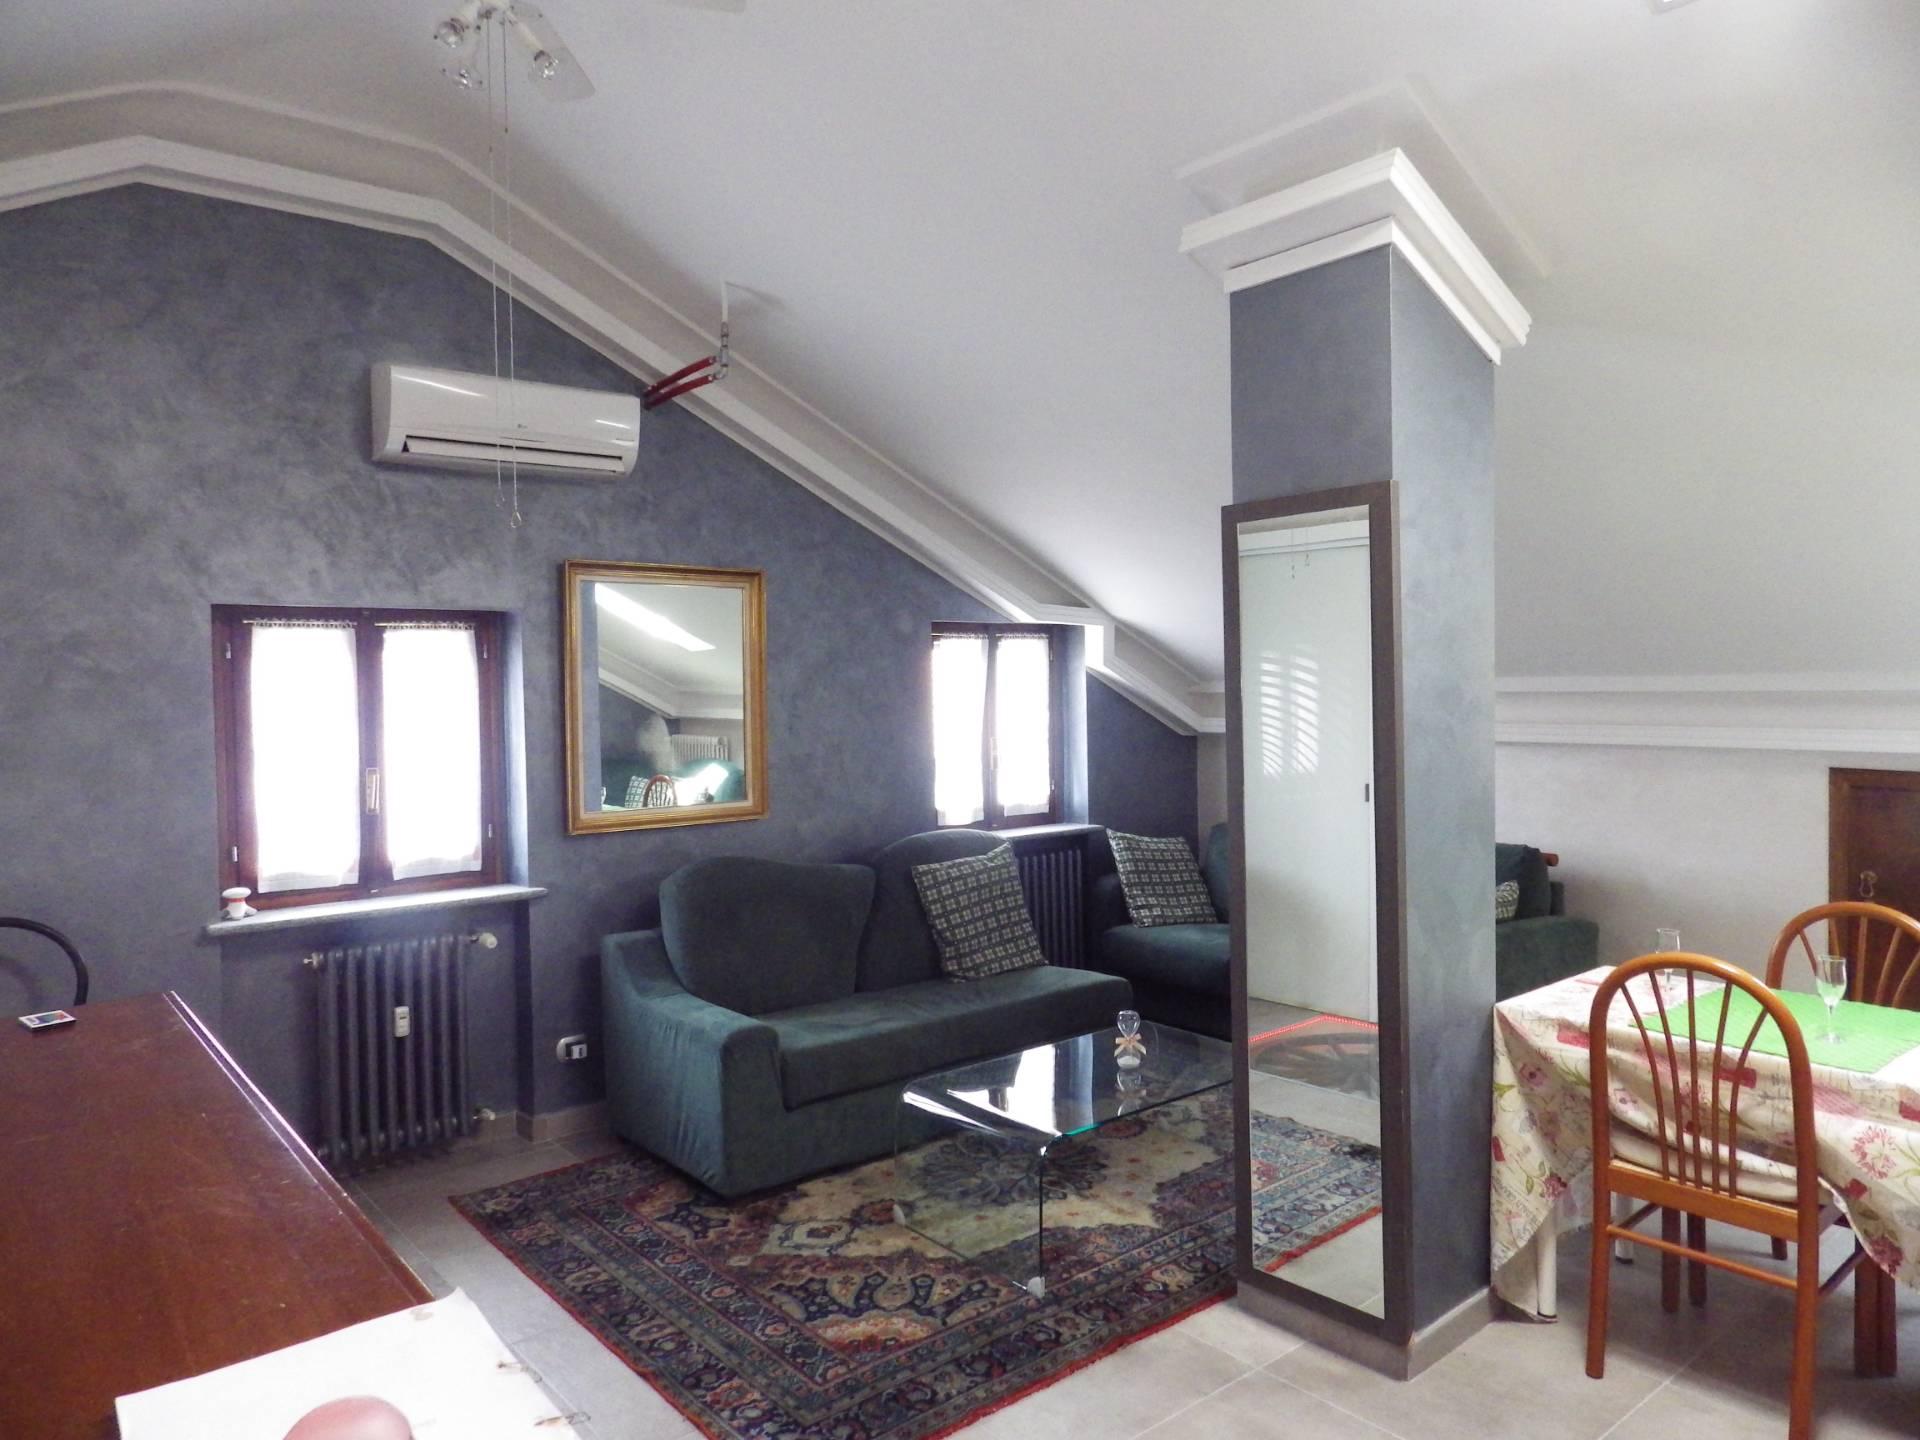 Appartamento in affitto a Collegno, 3 locali, zona Località: BorgataParadiso, prezzo € 580   CambioCasa.it